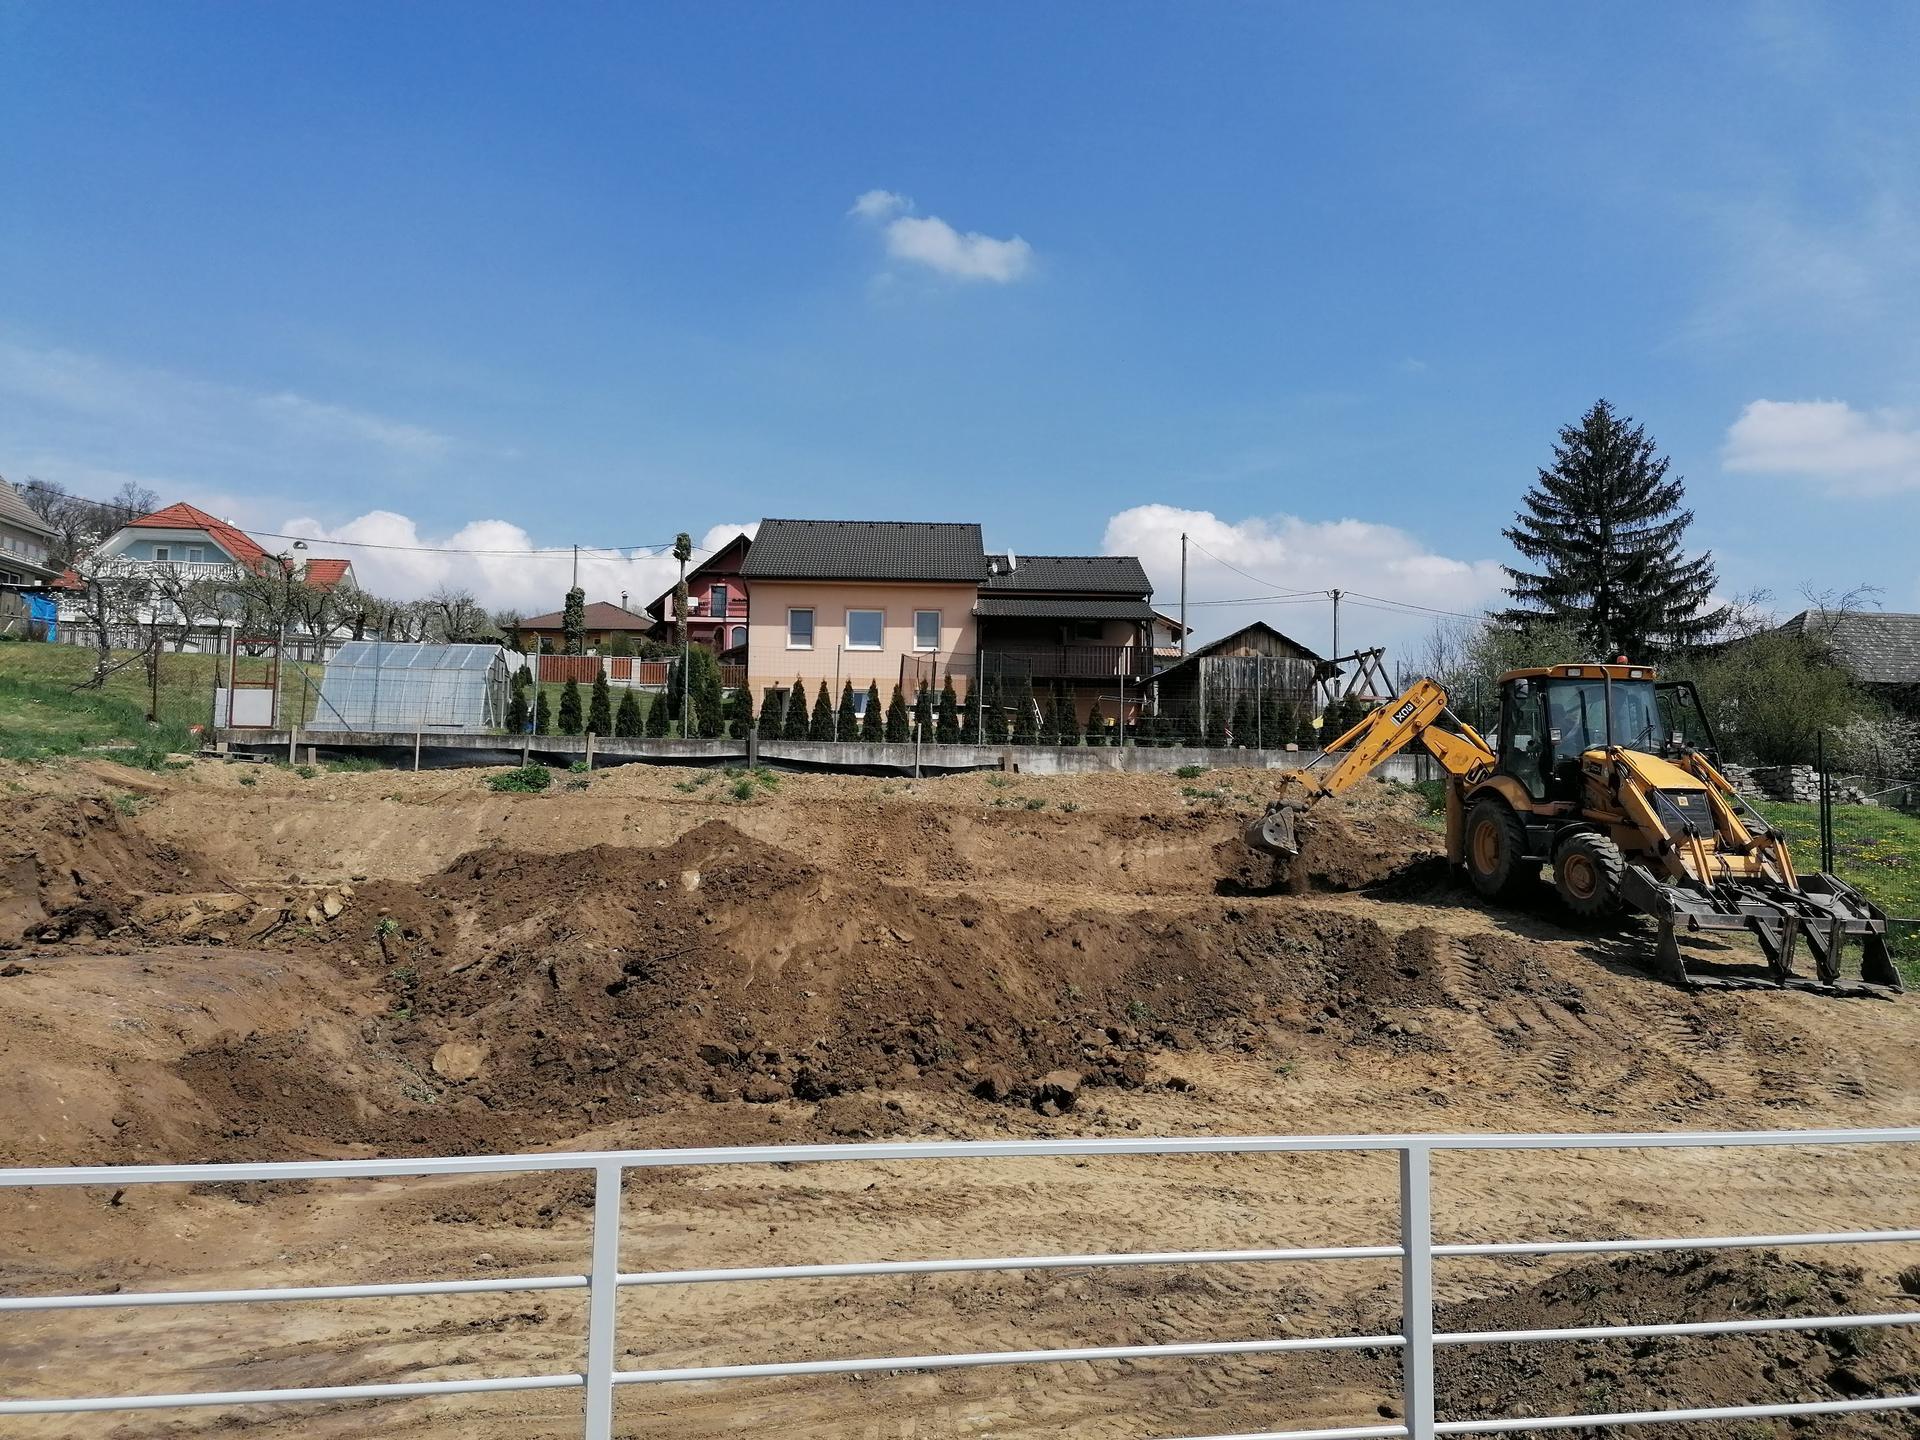 Rekonštrukcia veľmi starej stavby :) - Báger bol u nás naposledy 24.9. a odvtedy sa k nám skrz blato a dážď nedostal. Hrozná jeseň, daždivá... Konečne to vyšlo a pozemok upravil celý na finál, môžeme sadiť.